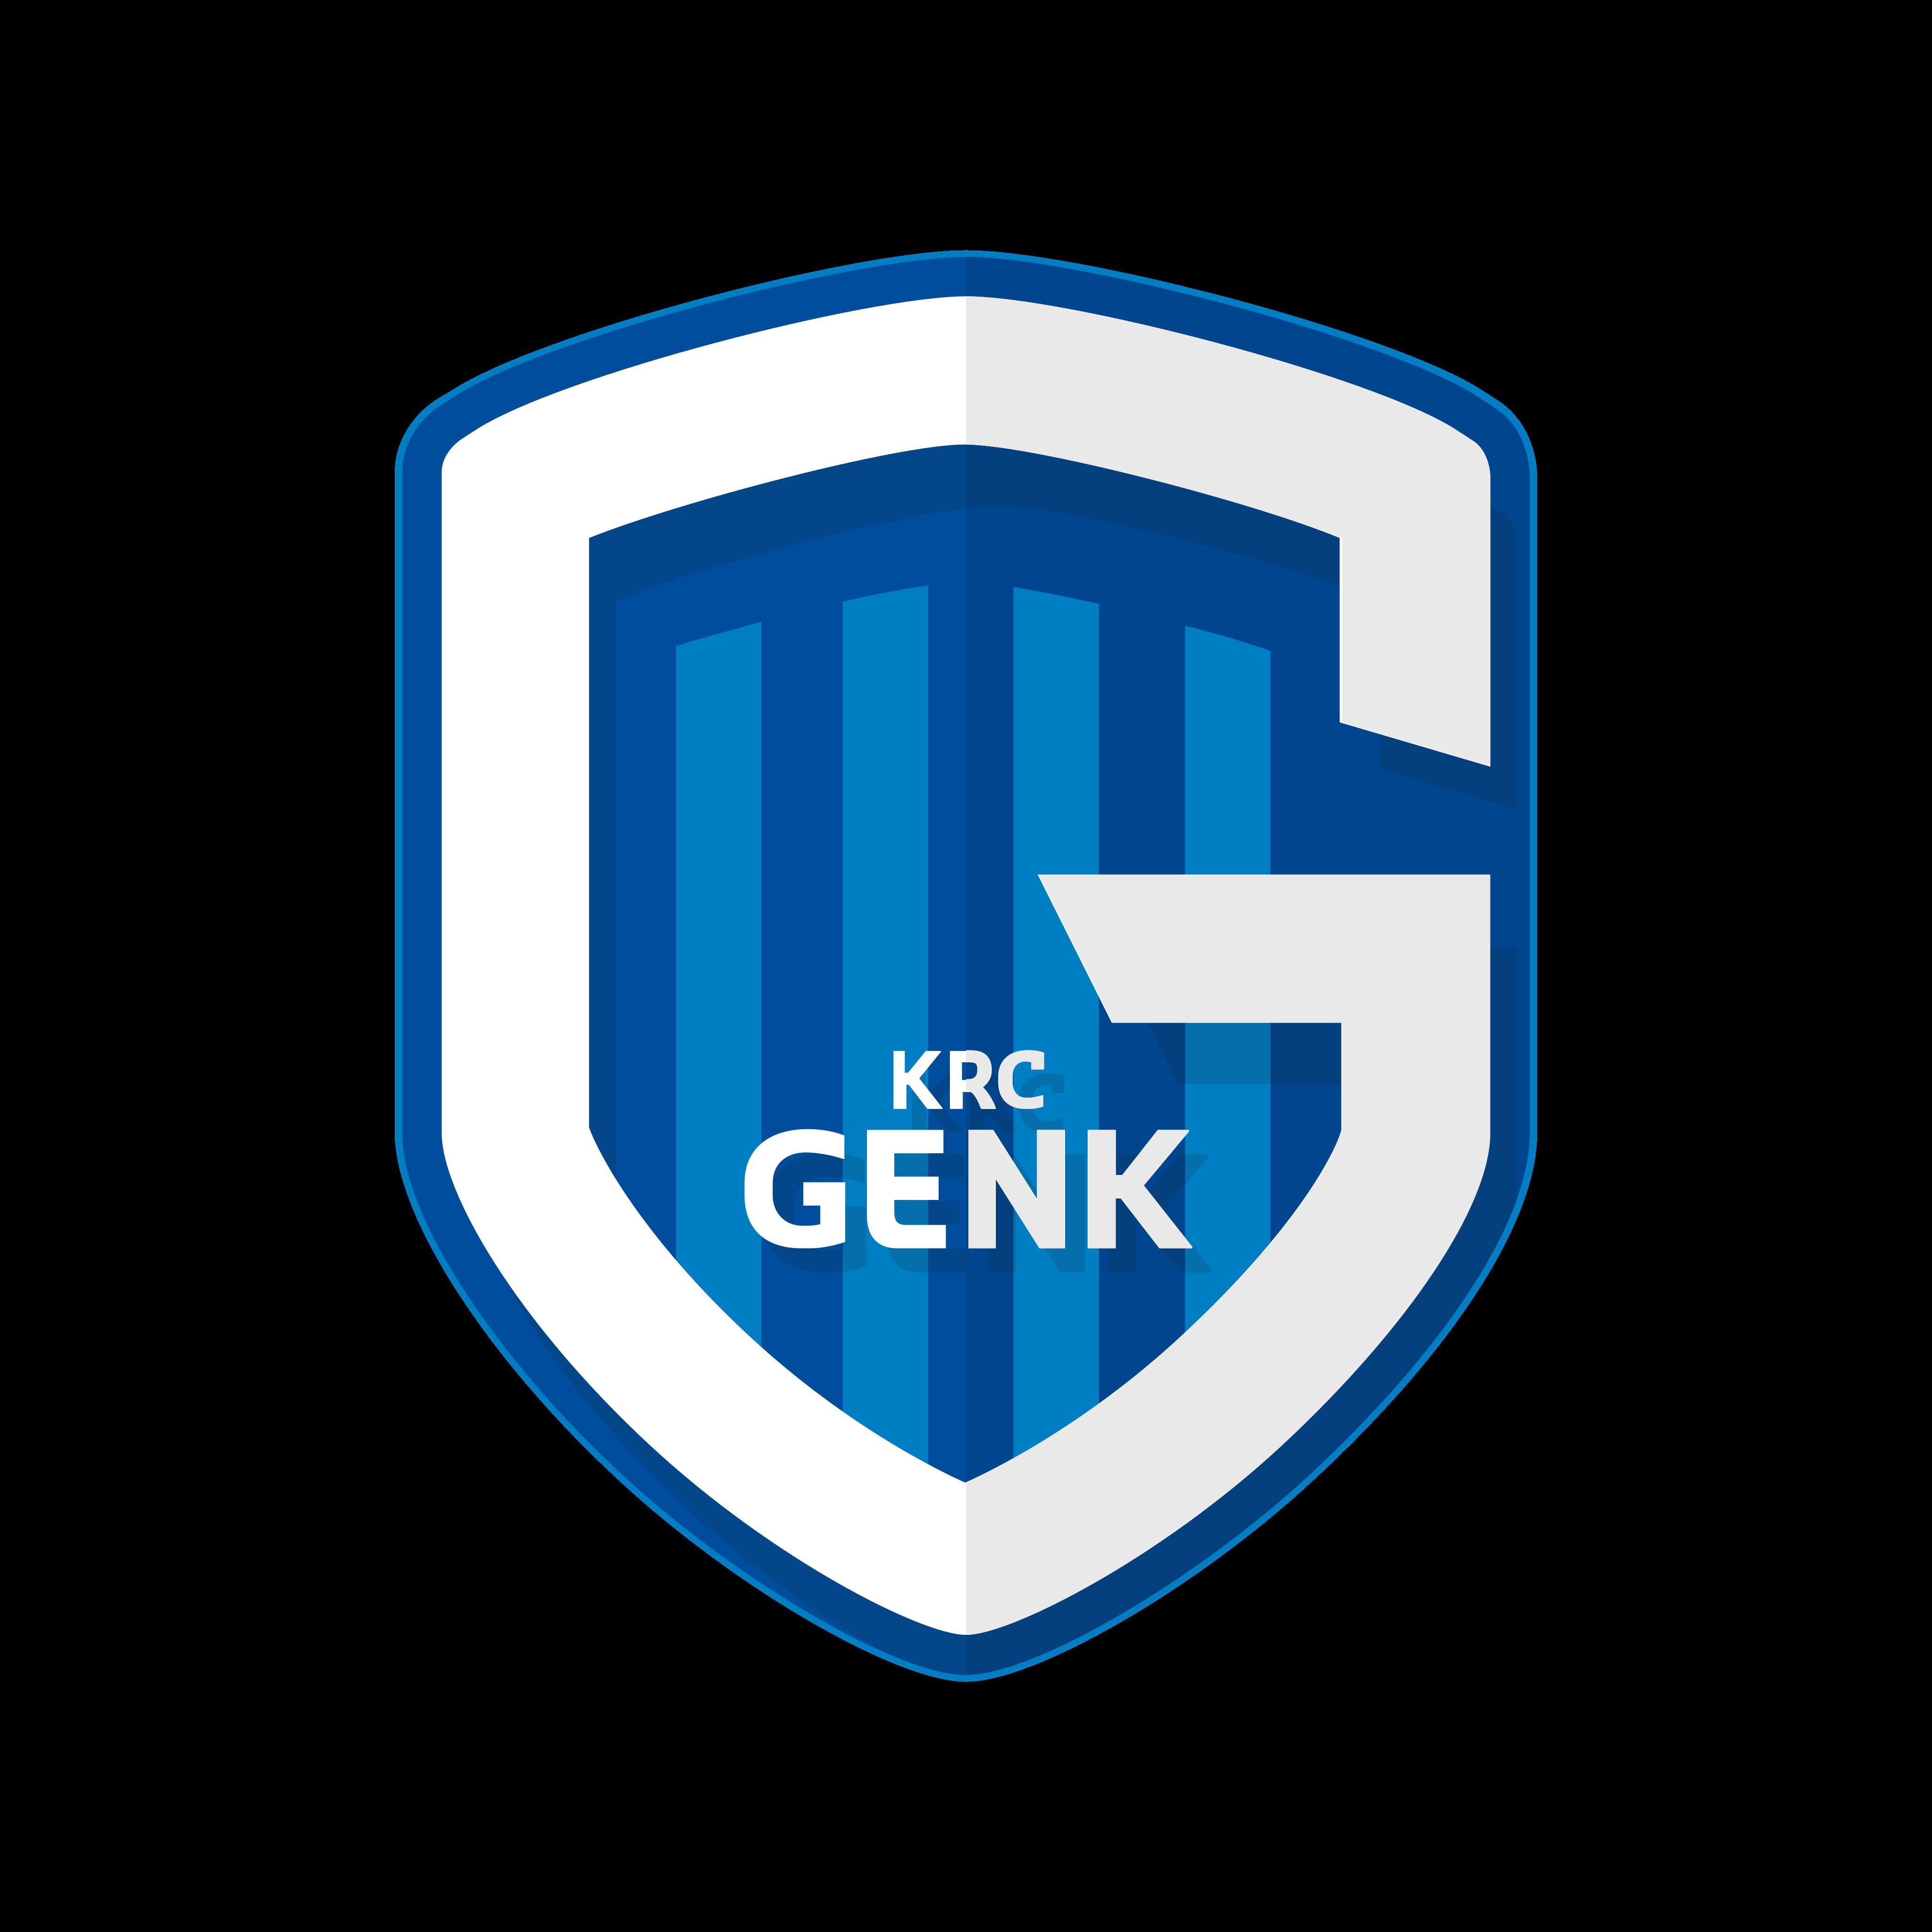 club genk logo 0 - Club Genk Logo - Escudo